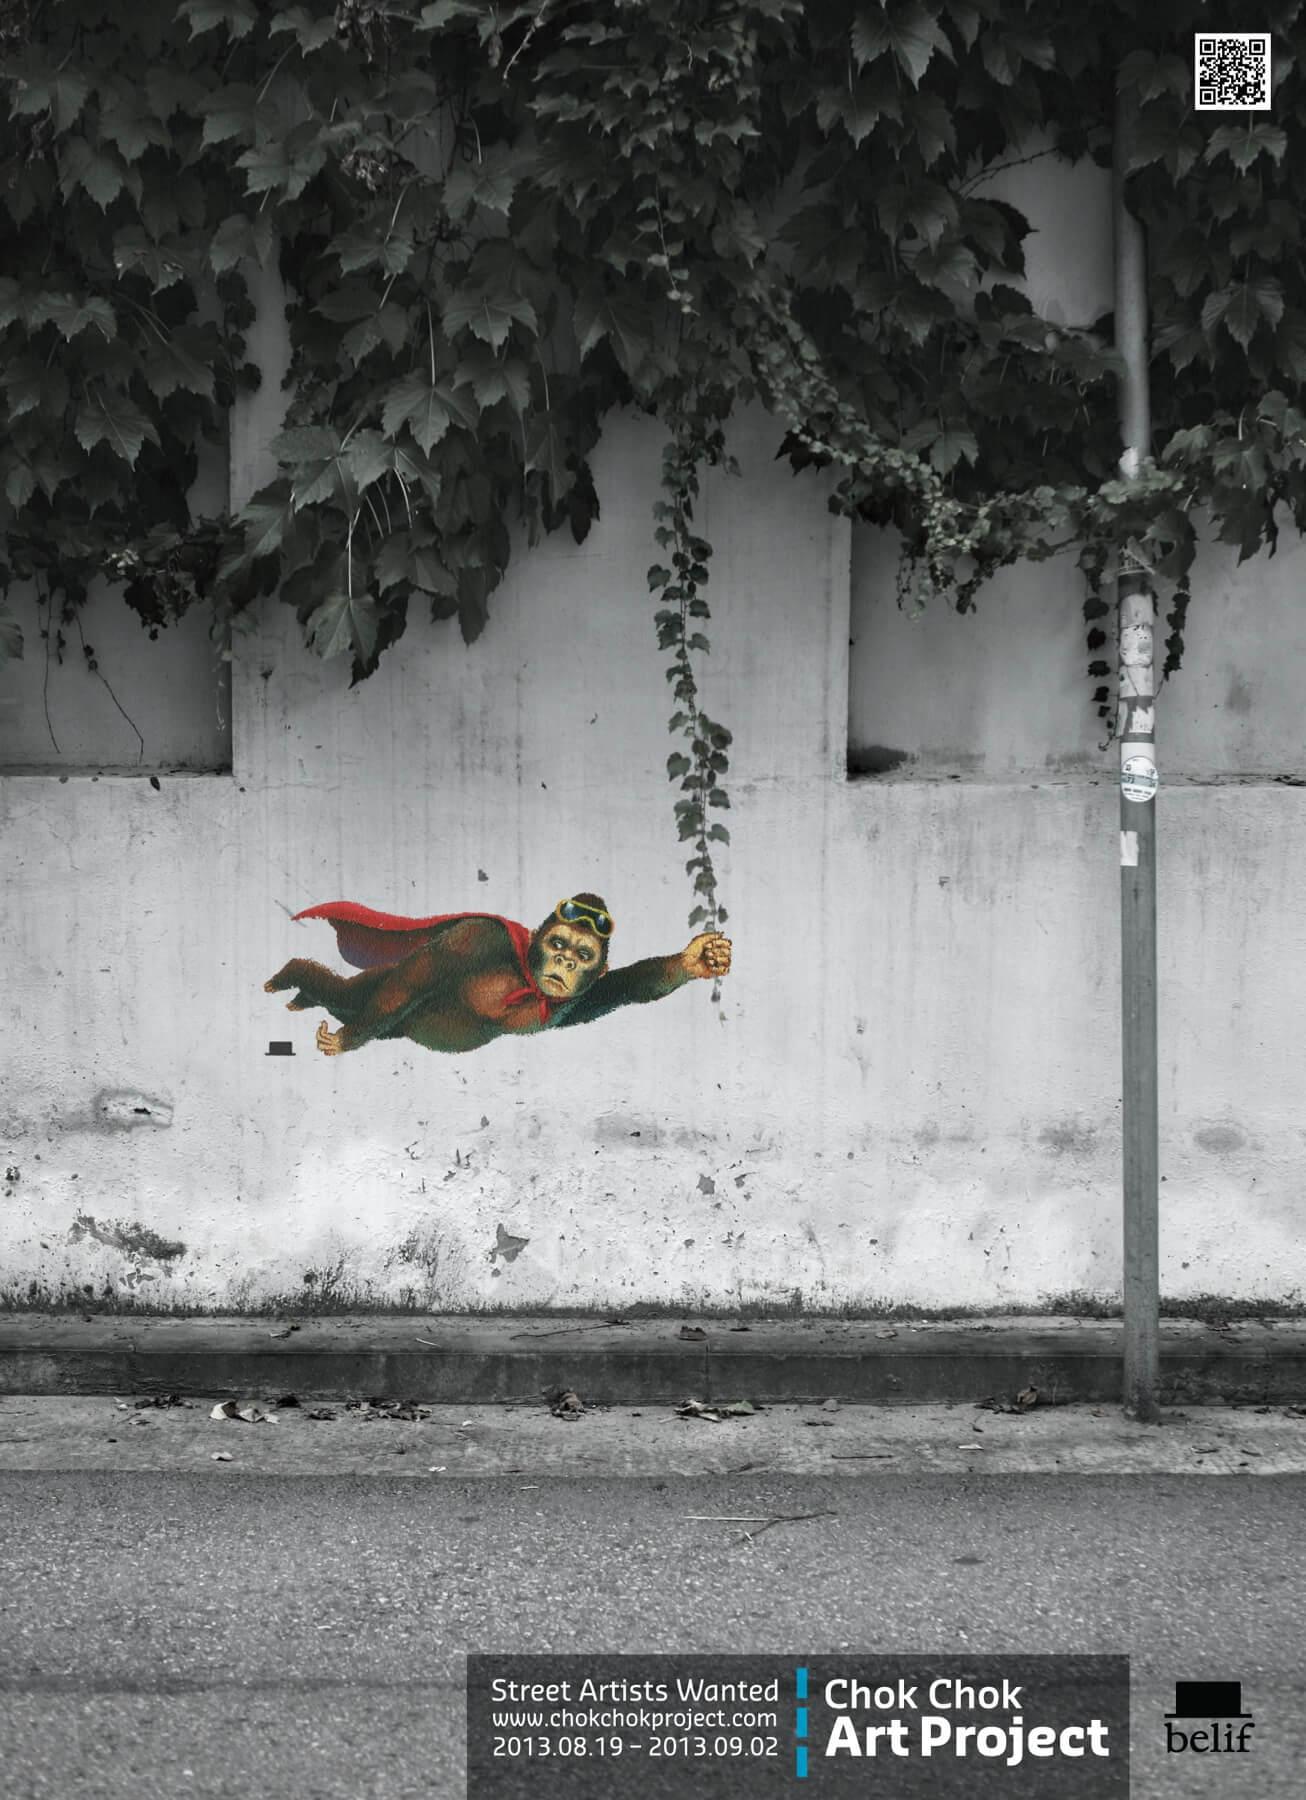 ¿Artistas callejeros?